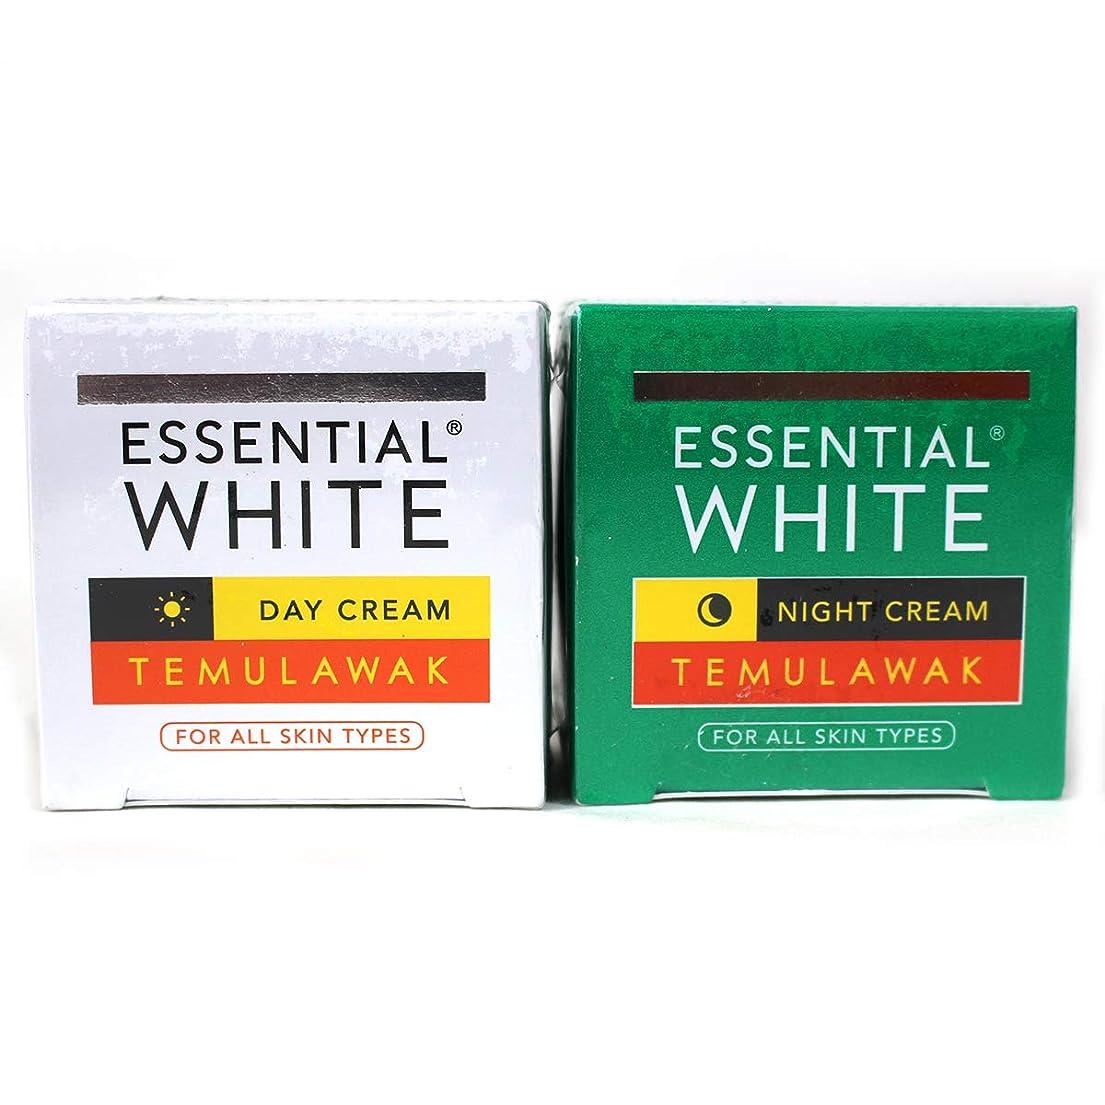 不当強化する農学ギジ gizi Essential White フェイスクリーム ボトルタイプ 日中用&ナイト用セット 9g ×2個 テムラワク ウコン など天然成分配合 [海外直送品]